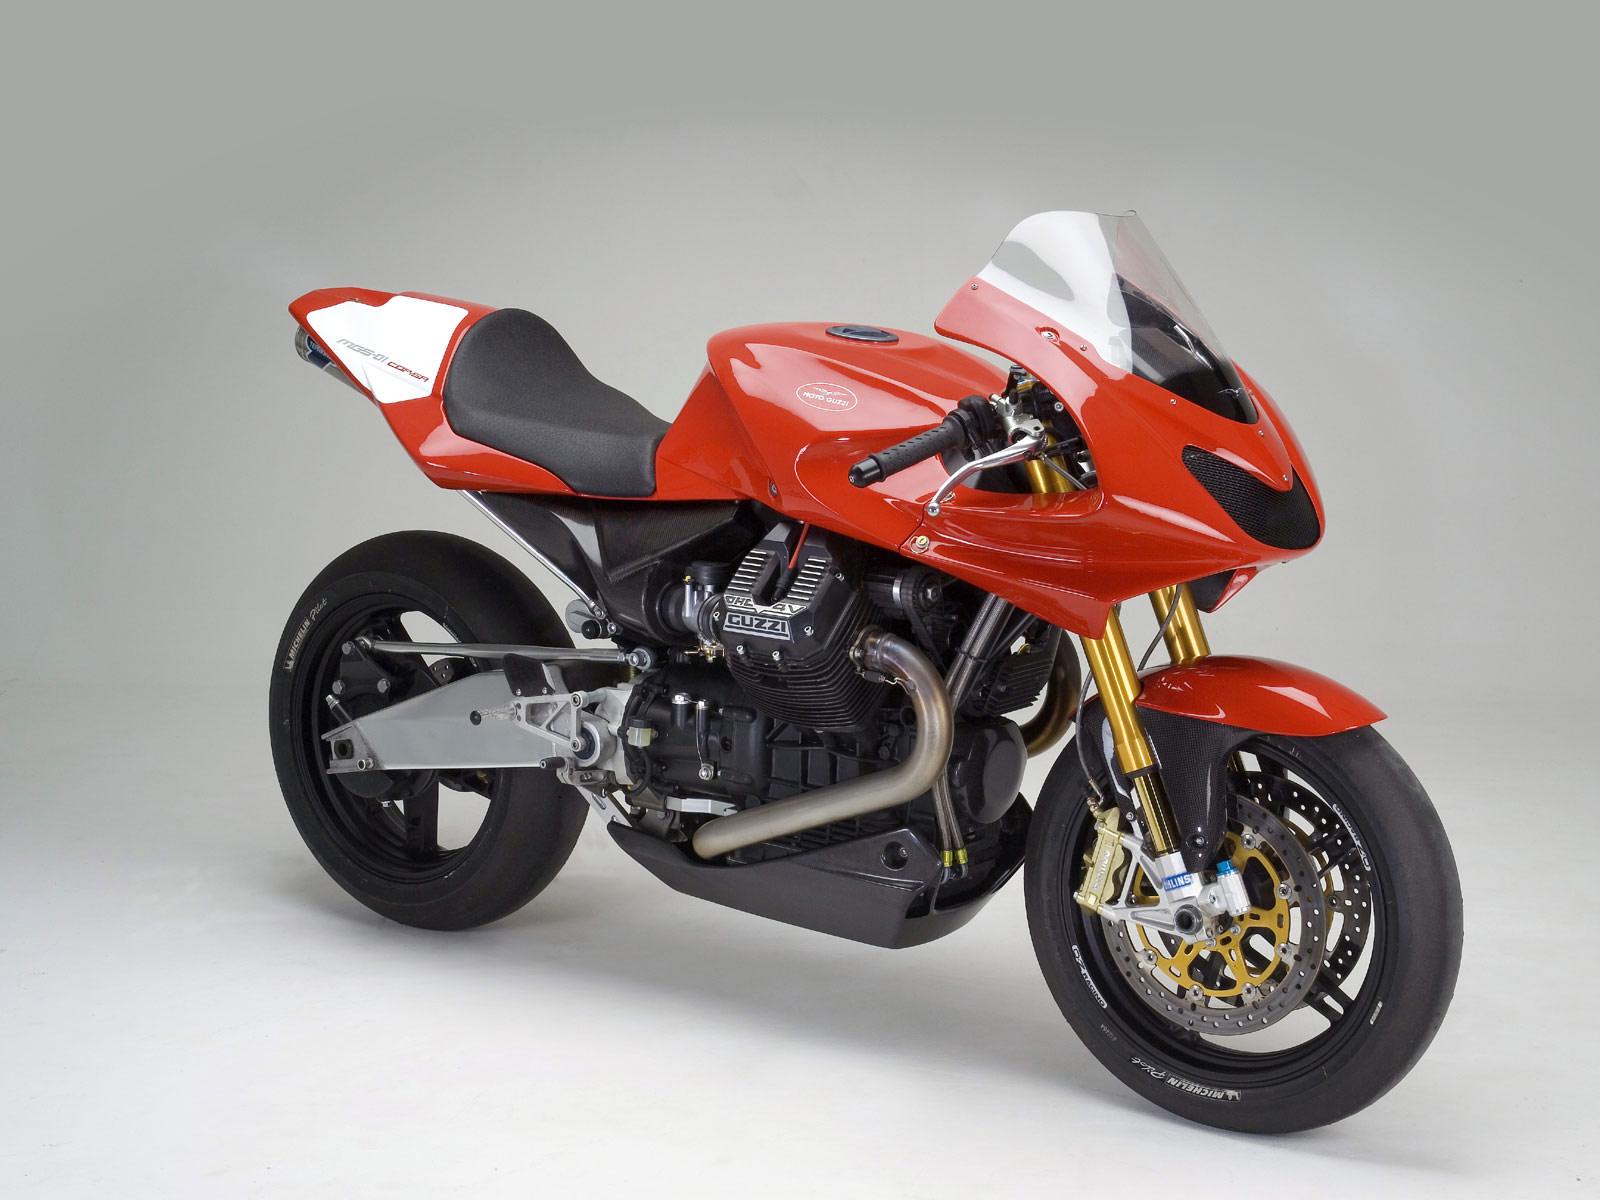 MOTO GUZZI MGS-01 CORSA (2009)